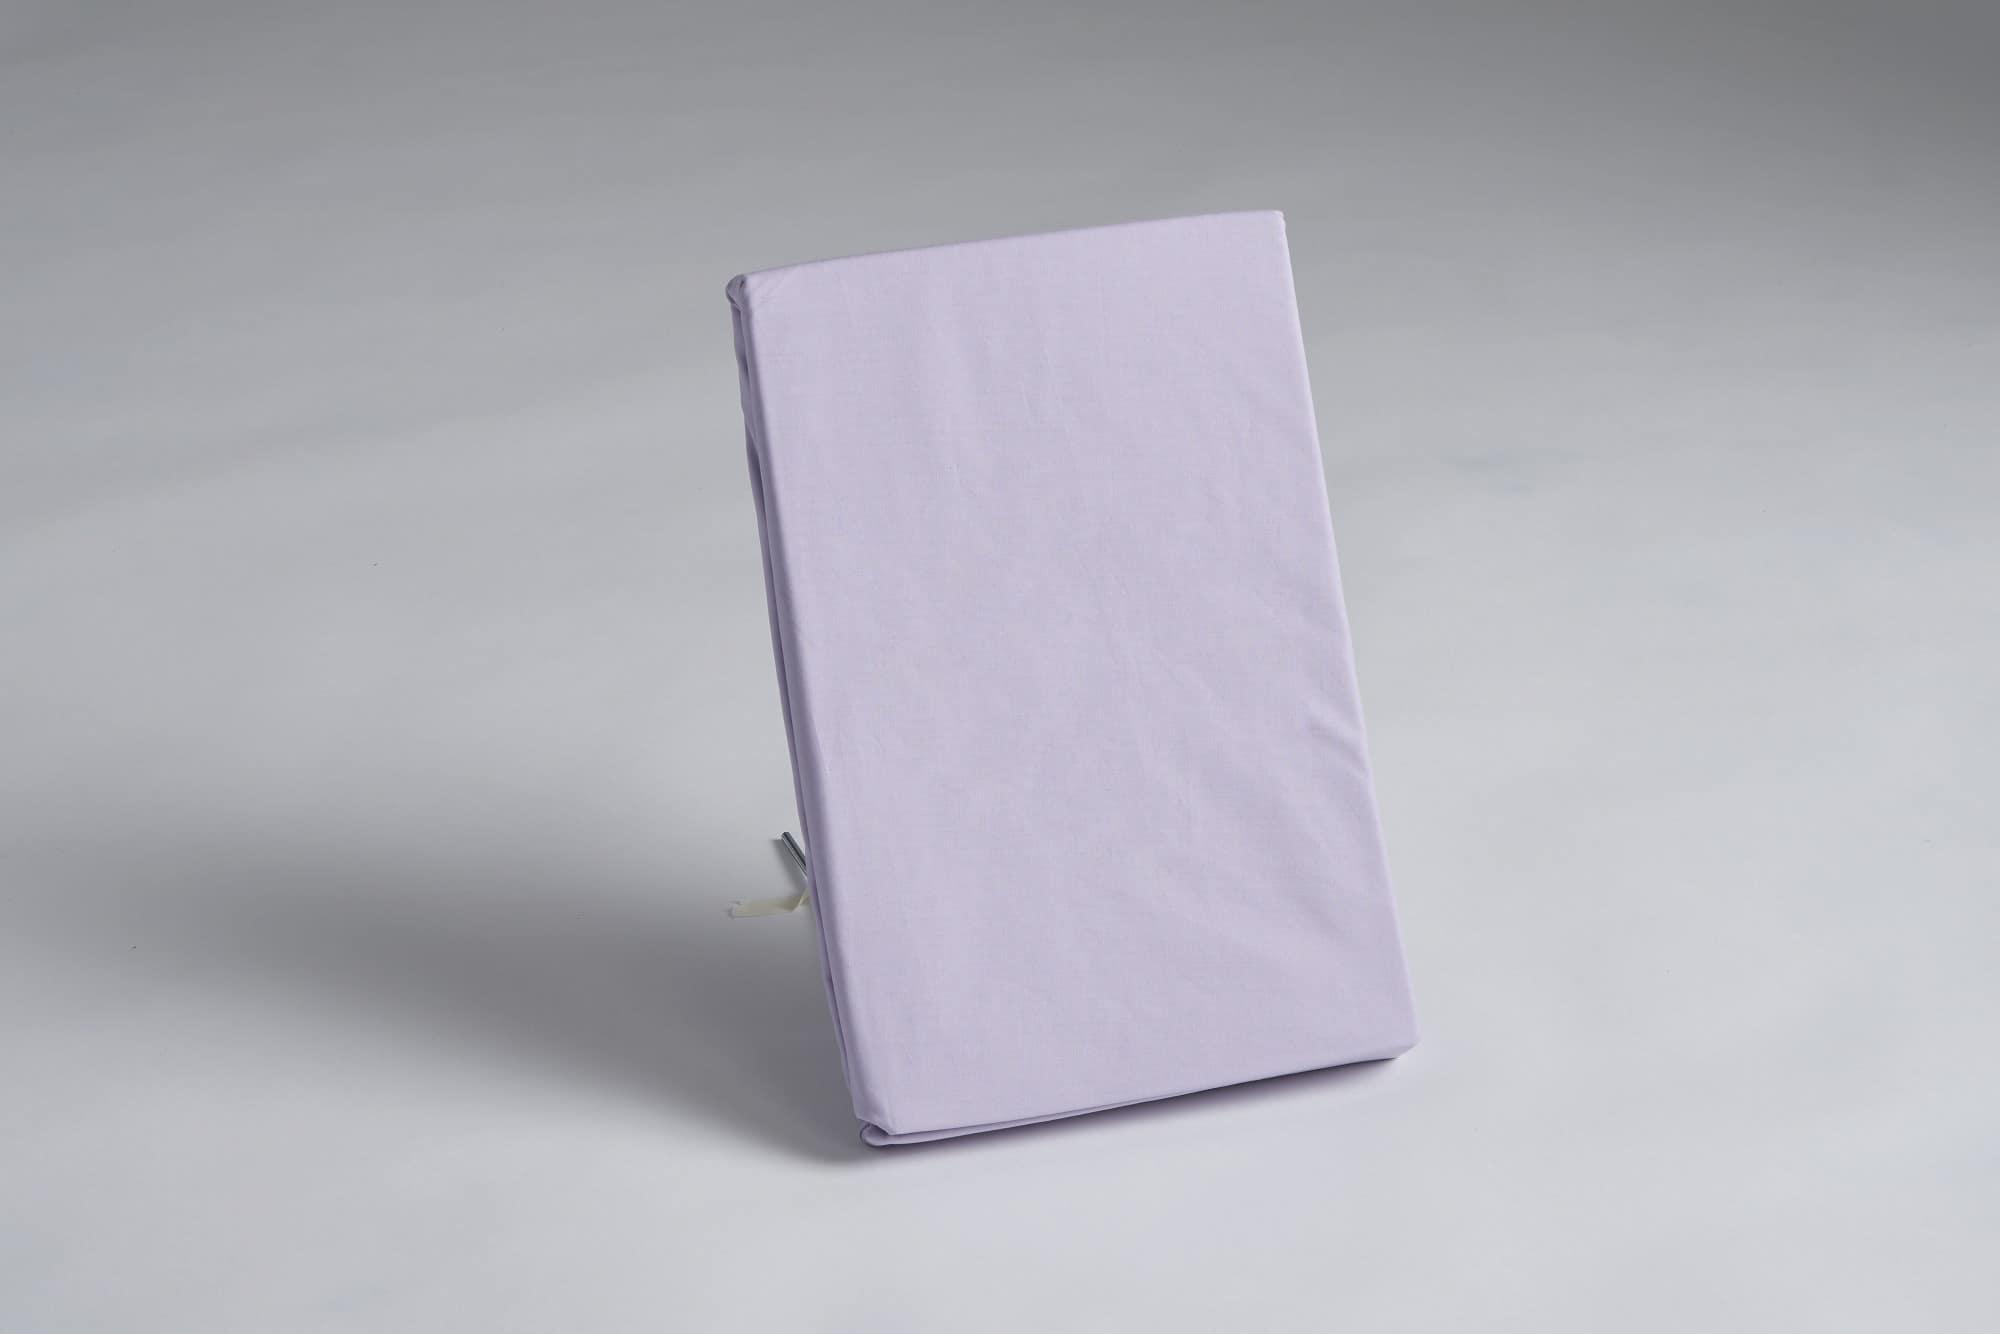 ボックスシーツ シングル用 36H パープル:《綿100%を使用したボックスシーツ》